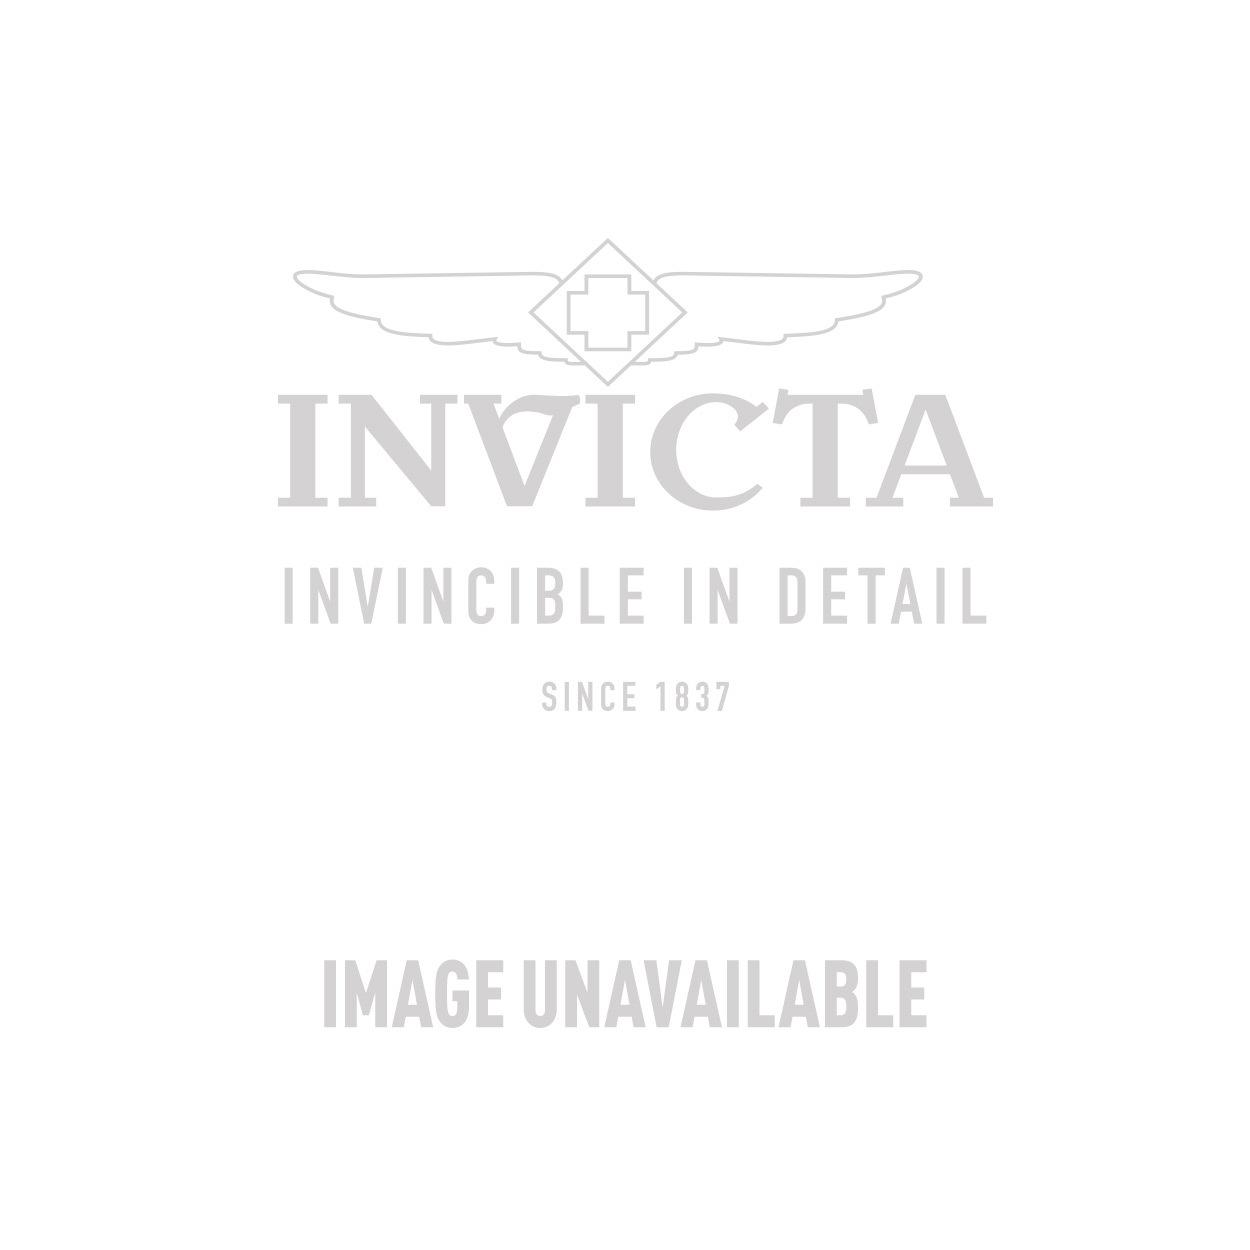 Invicta Model 24937